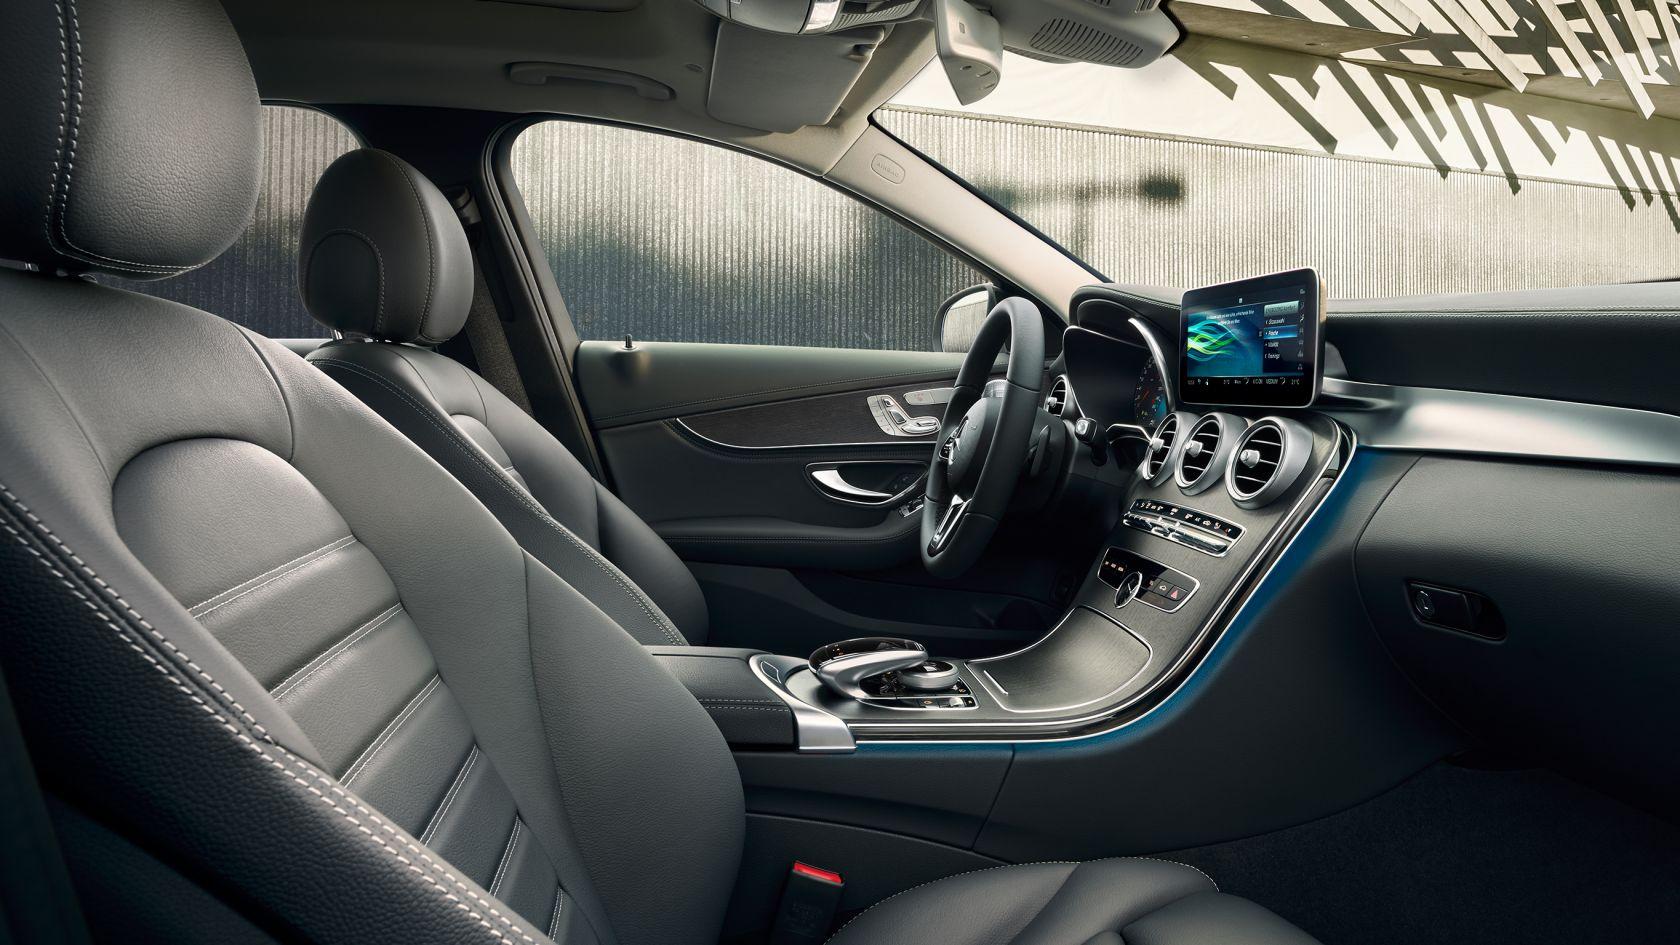 Makyajlı 2019 Yeni Mercedes Benz C Serisi Fotoğrafları